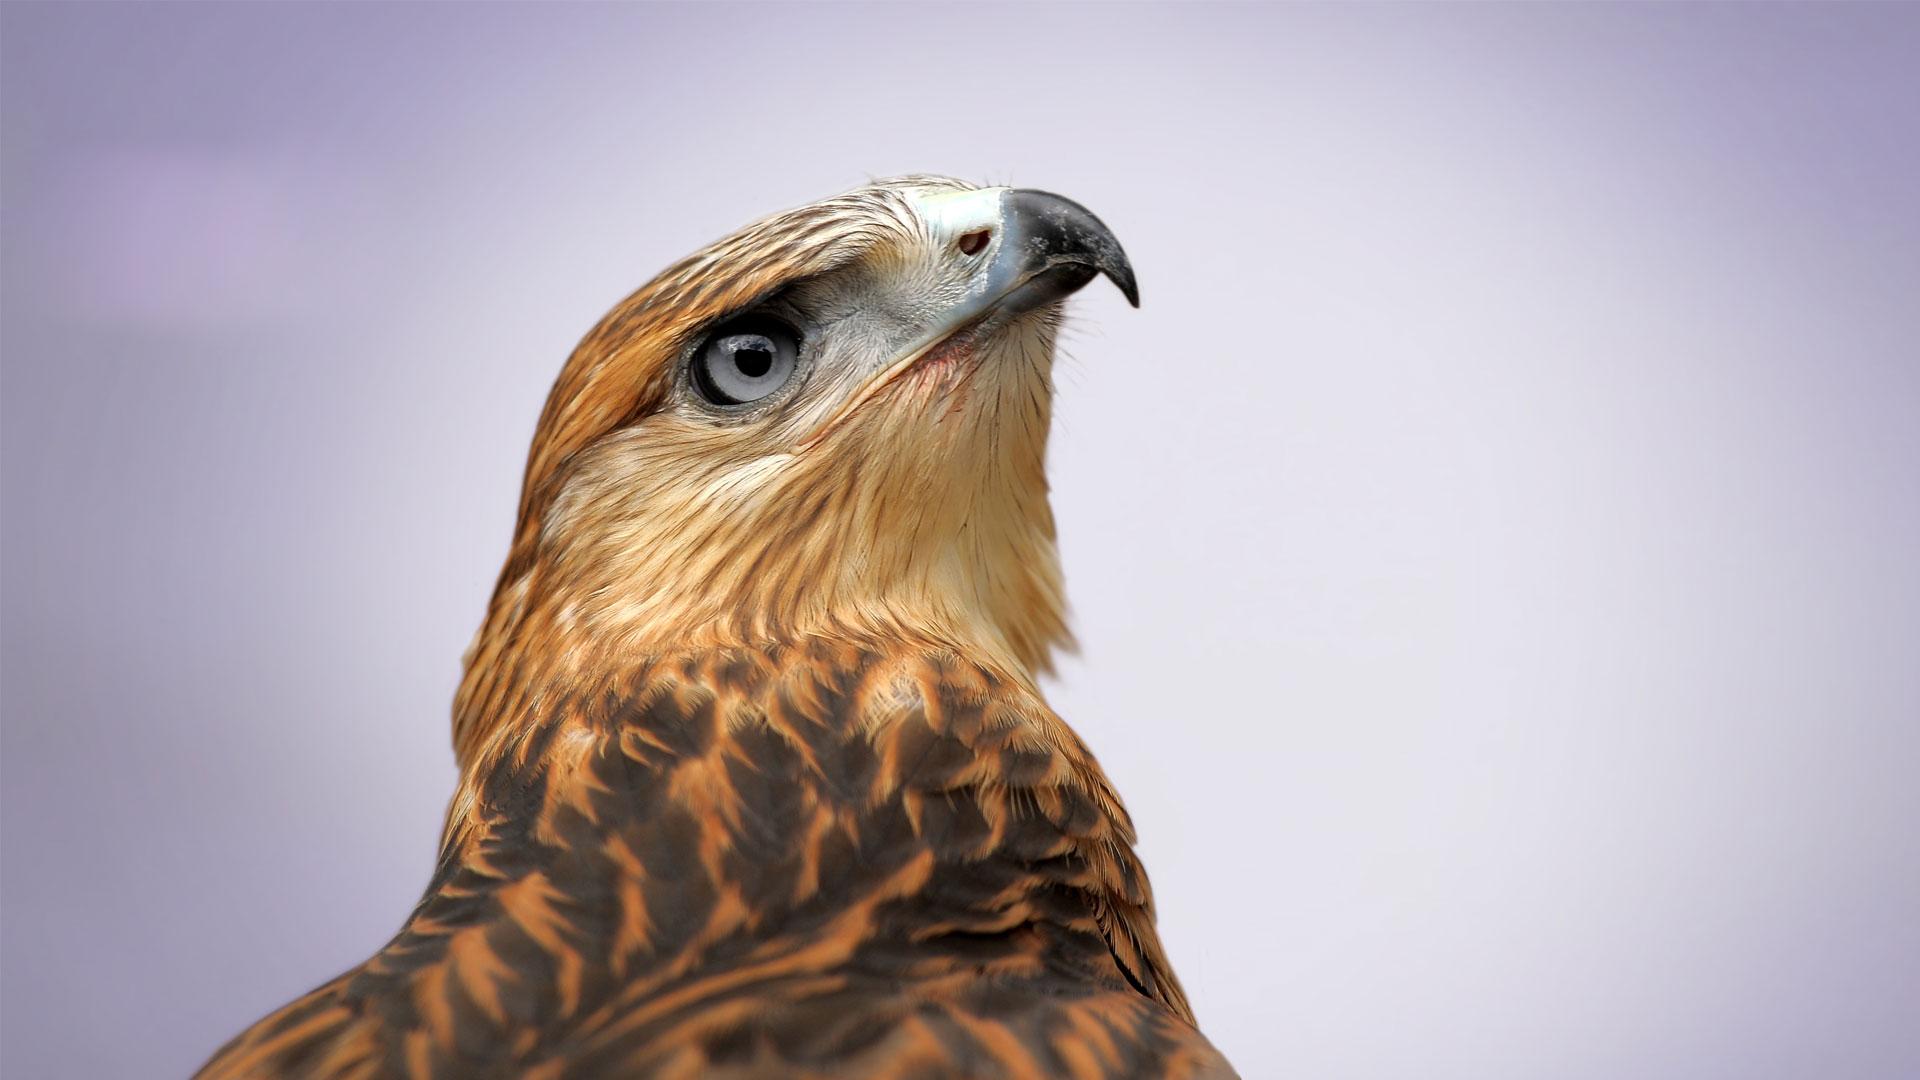 matterhorn branding birds of prey